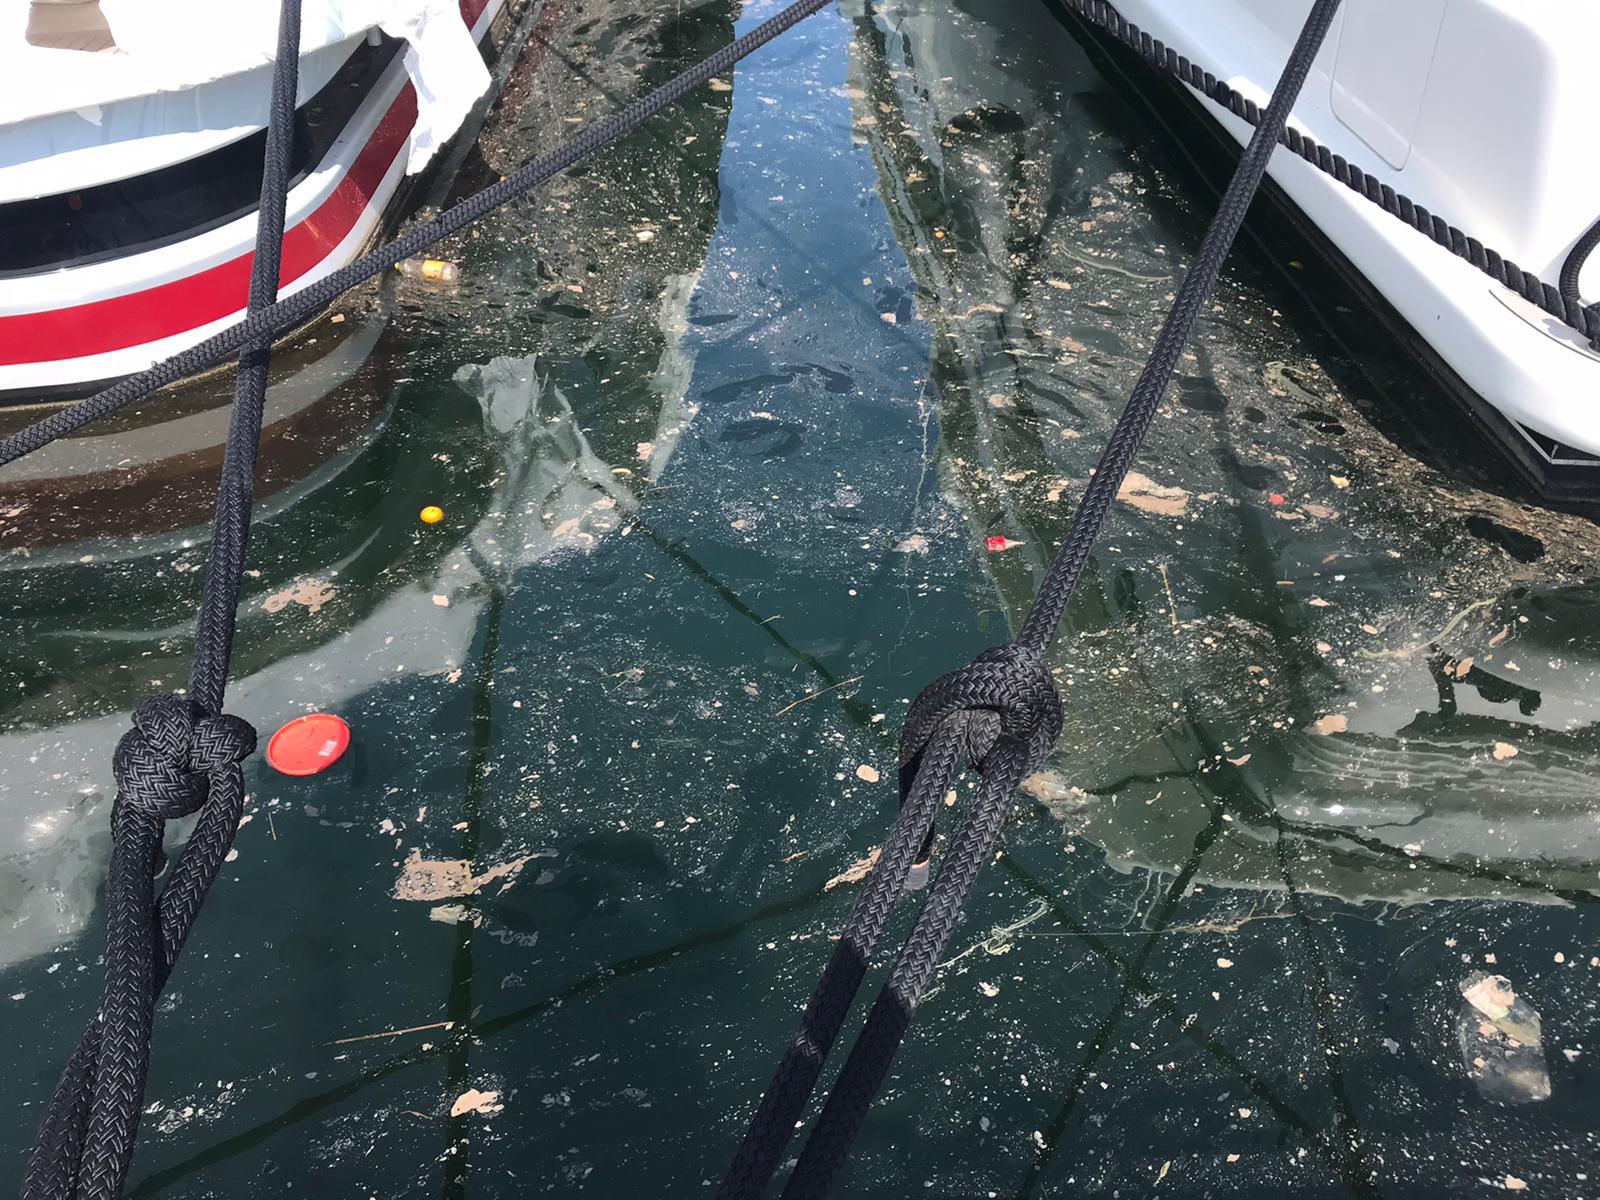 Chiazza oleosa in porto a Viareggio, ancora non chiara l'origine dello sversamento